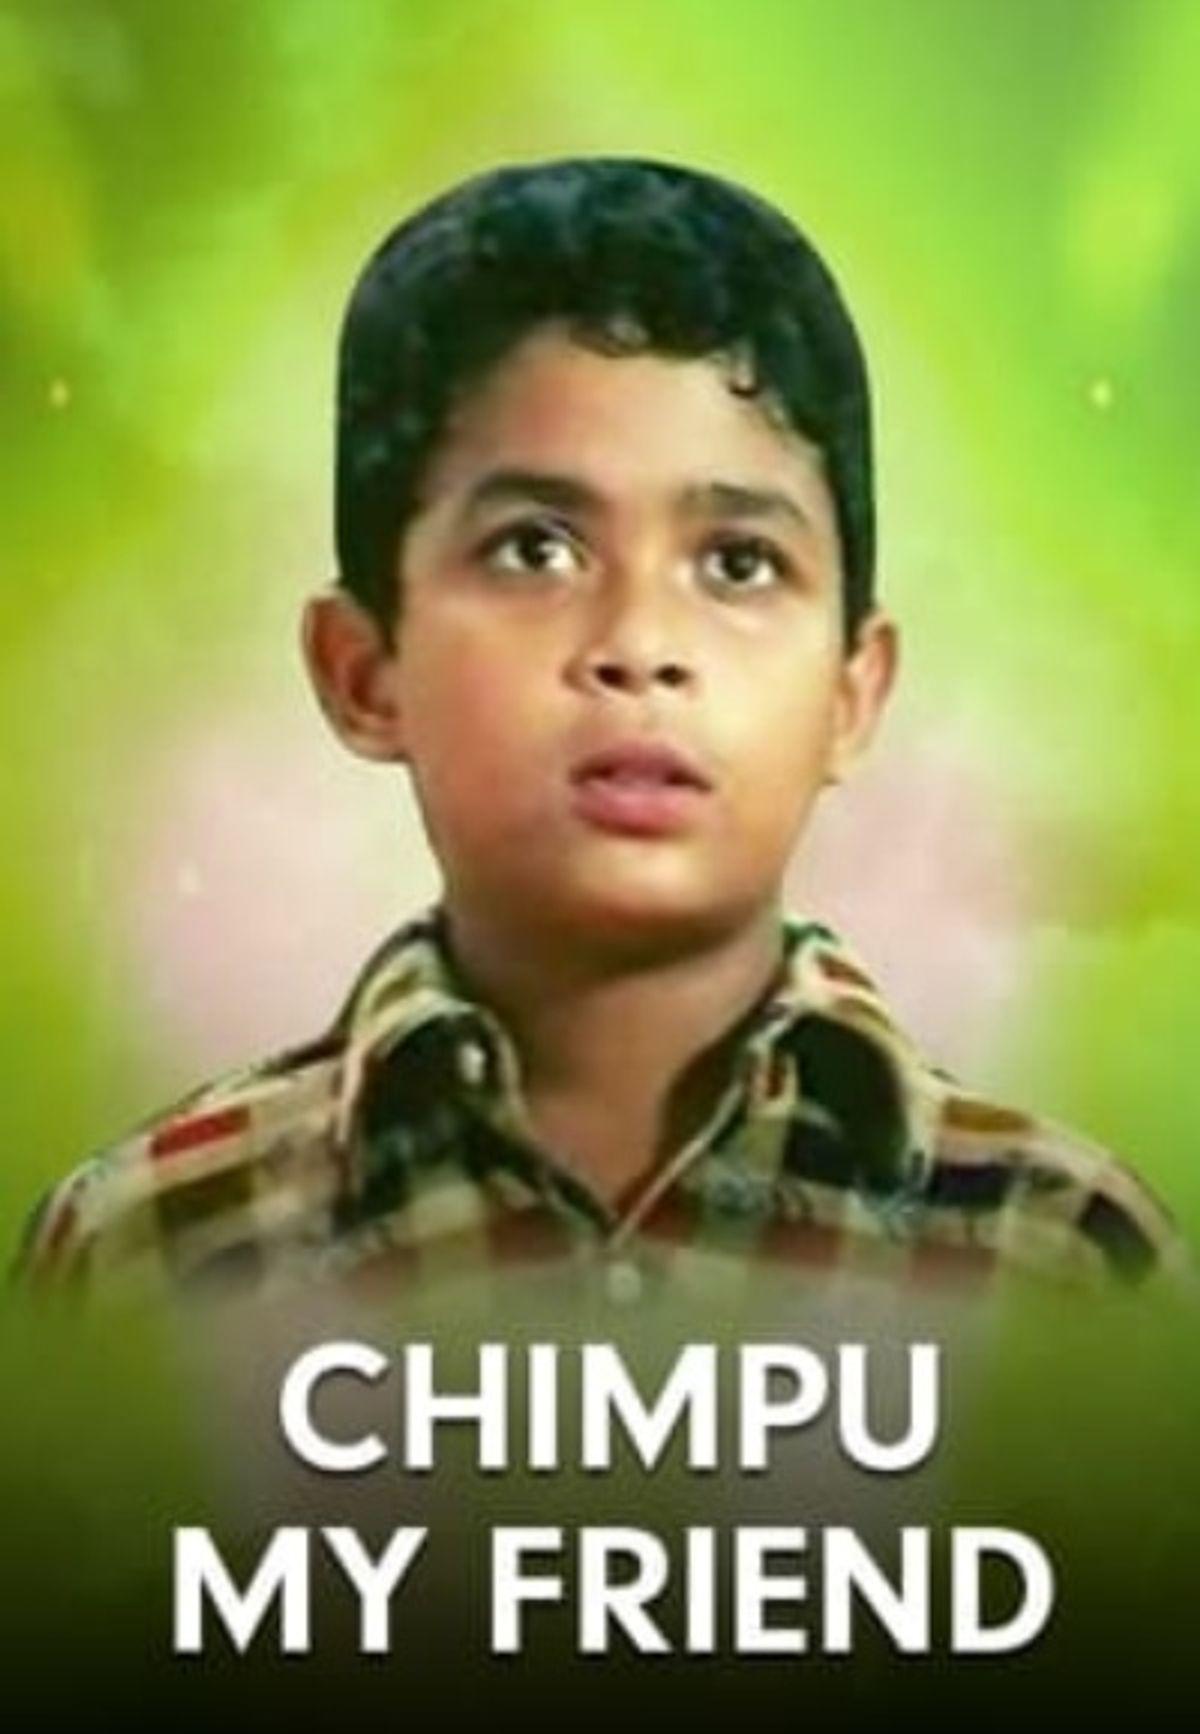 Chimpu My Friend